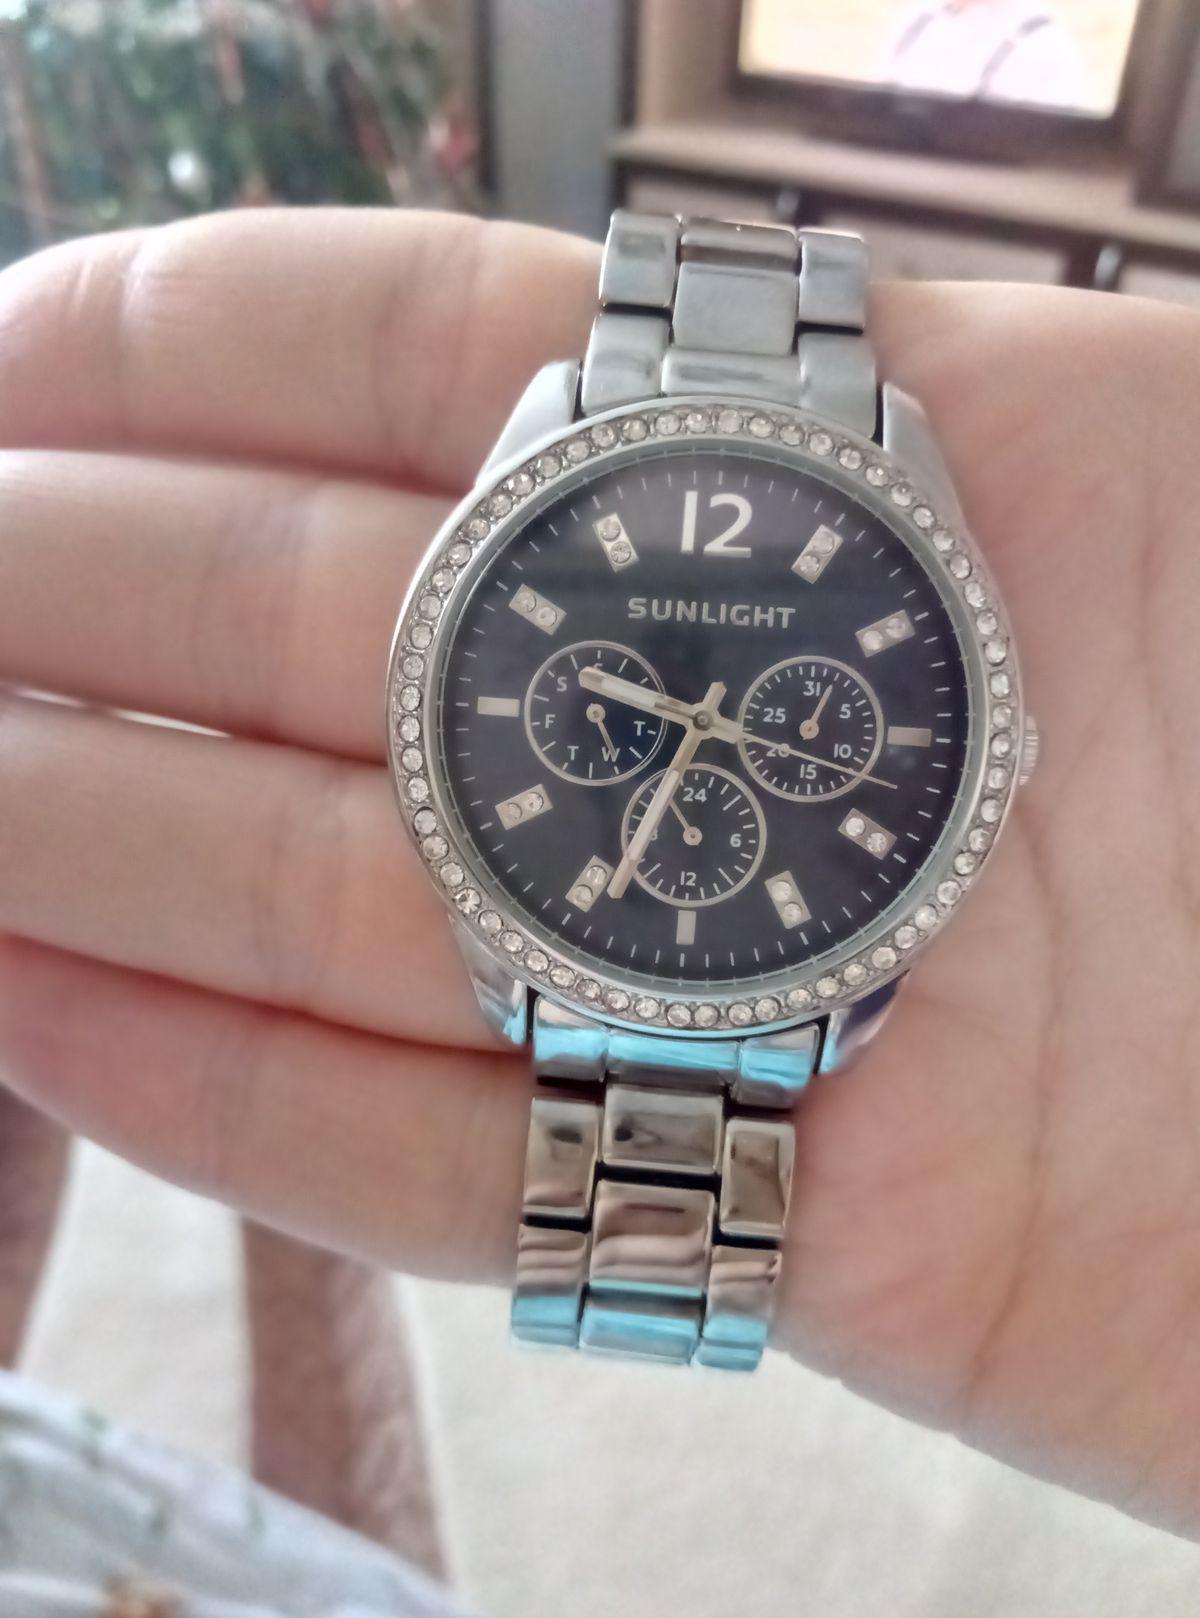 Классные часы за ооооочень приятную цену!!))